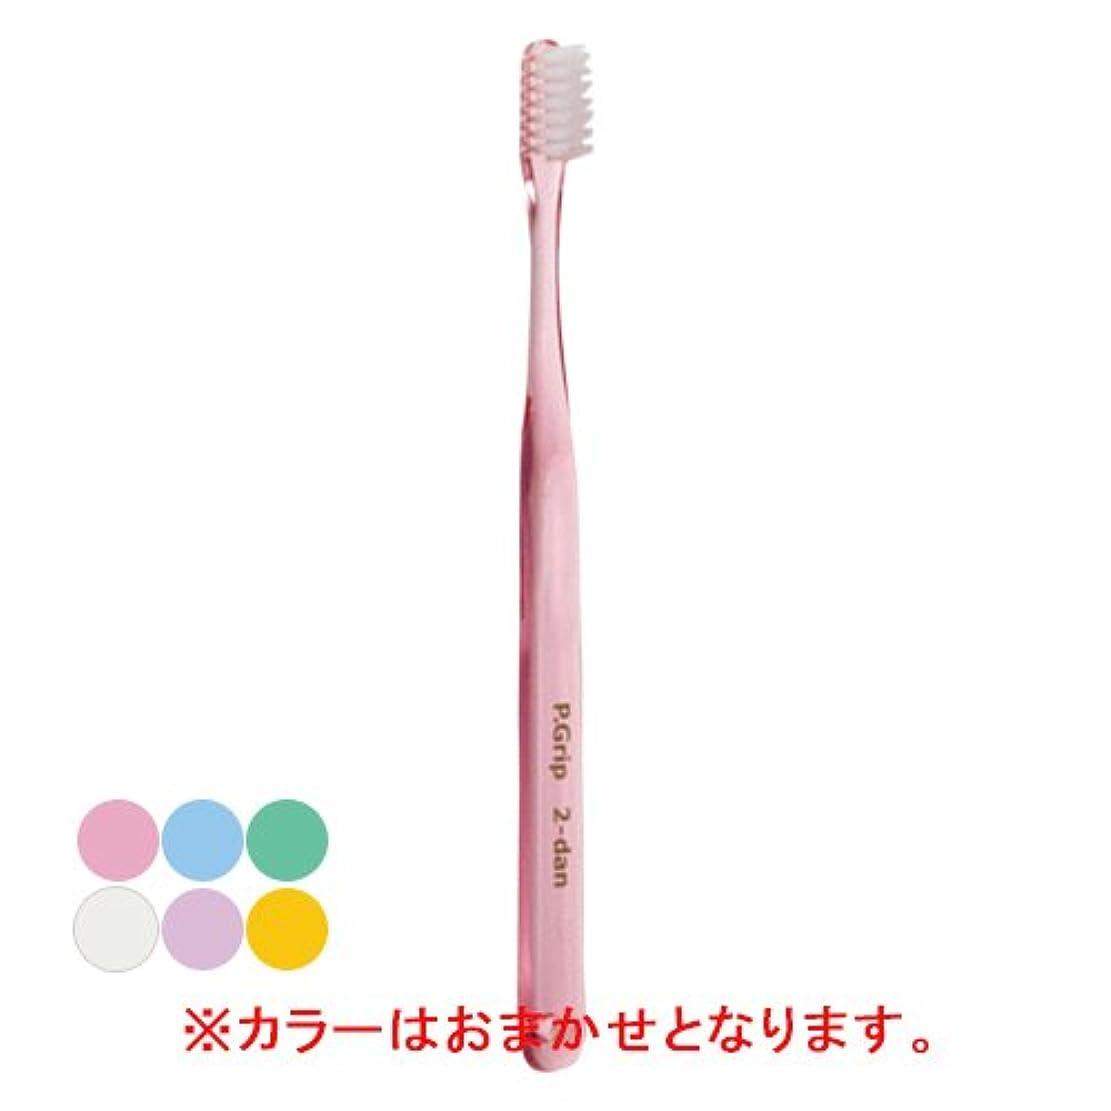 装置フレアもちろんP.D.R.(ピーディーアール) P.Grip(ピーグリップ)歯ブラシ 二段植毛タイプ ソフト(やわらかめ) 1本